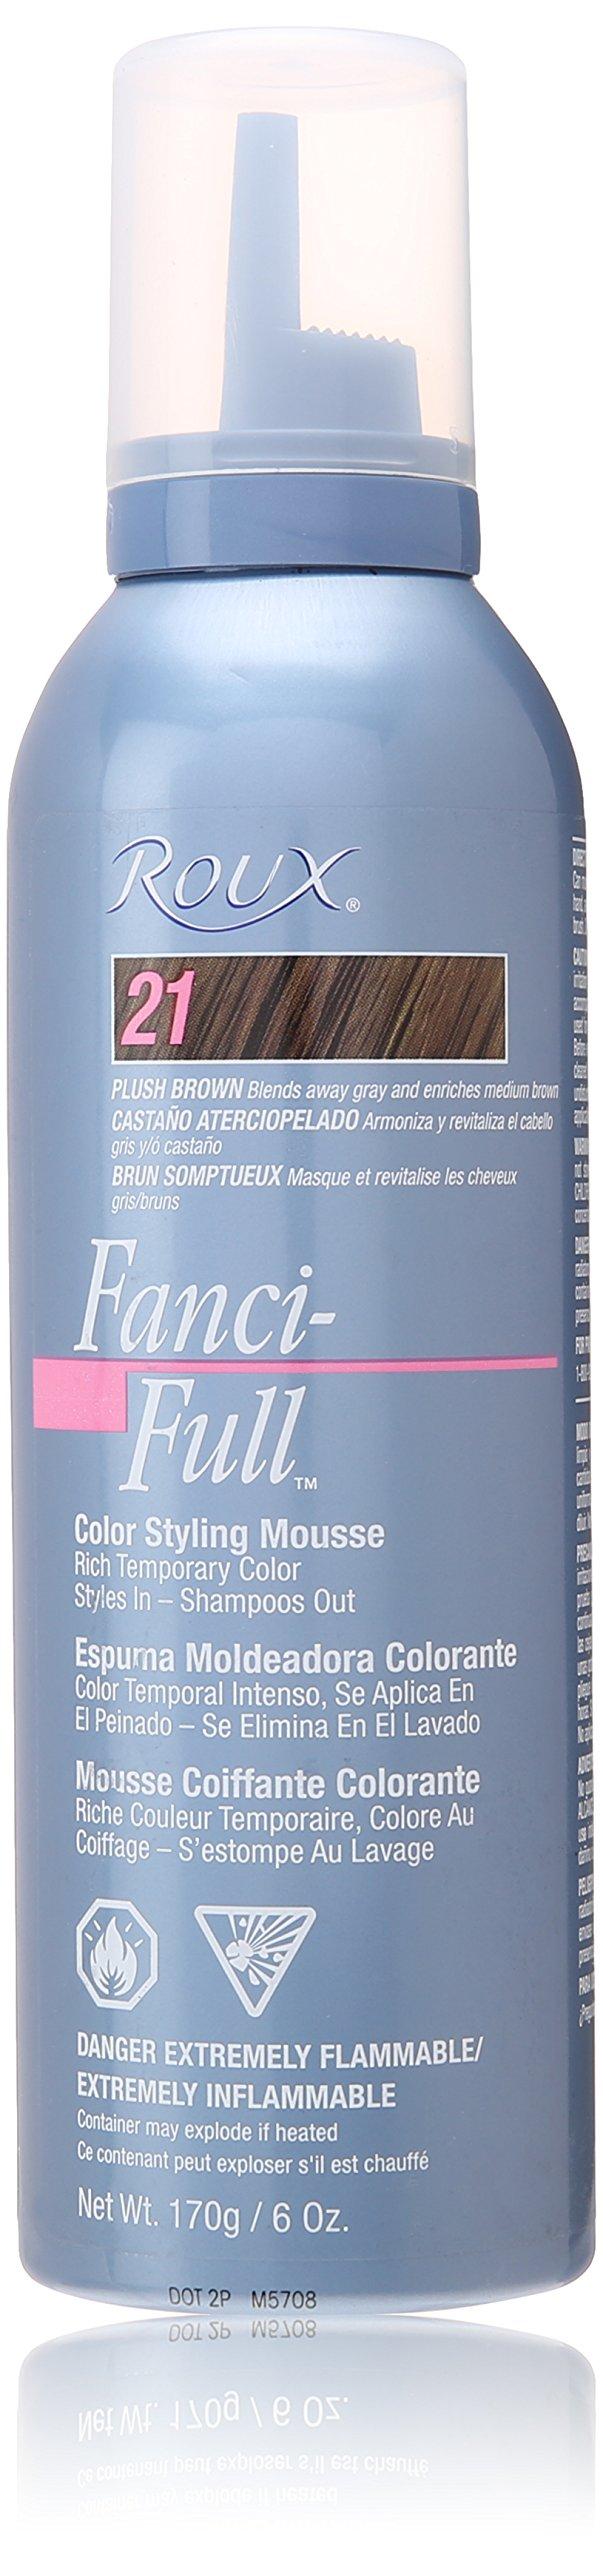 Roux Fanci-Full Mousse, 21 Plush Brown, 6 Fluid Ounce